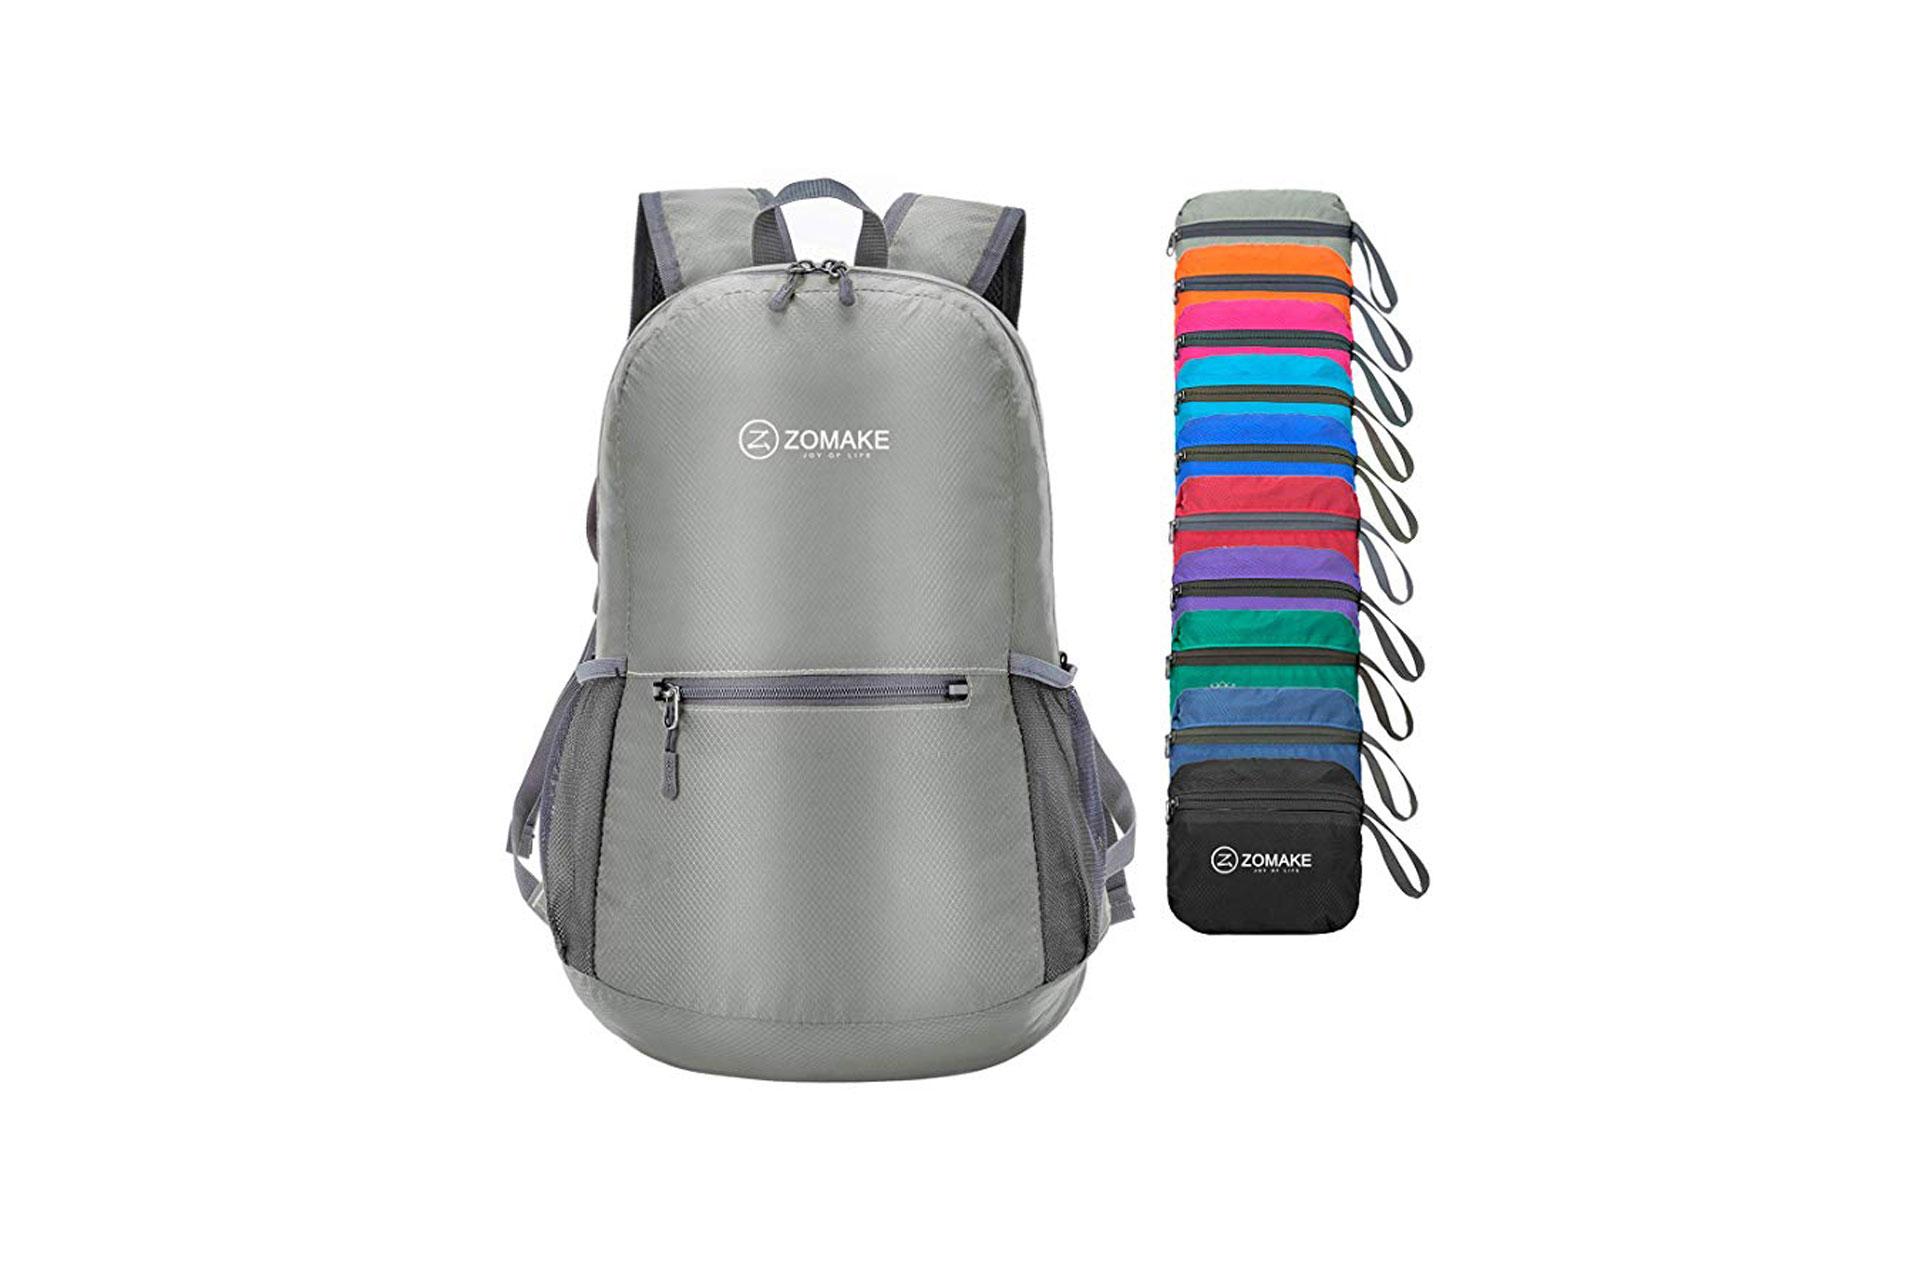 Zomake Backpack; Courtesy of Amazon